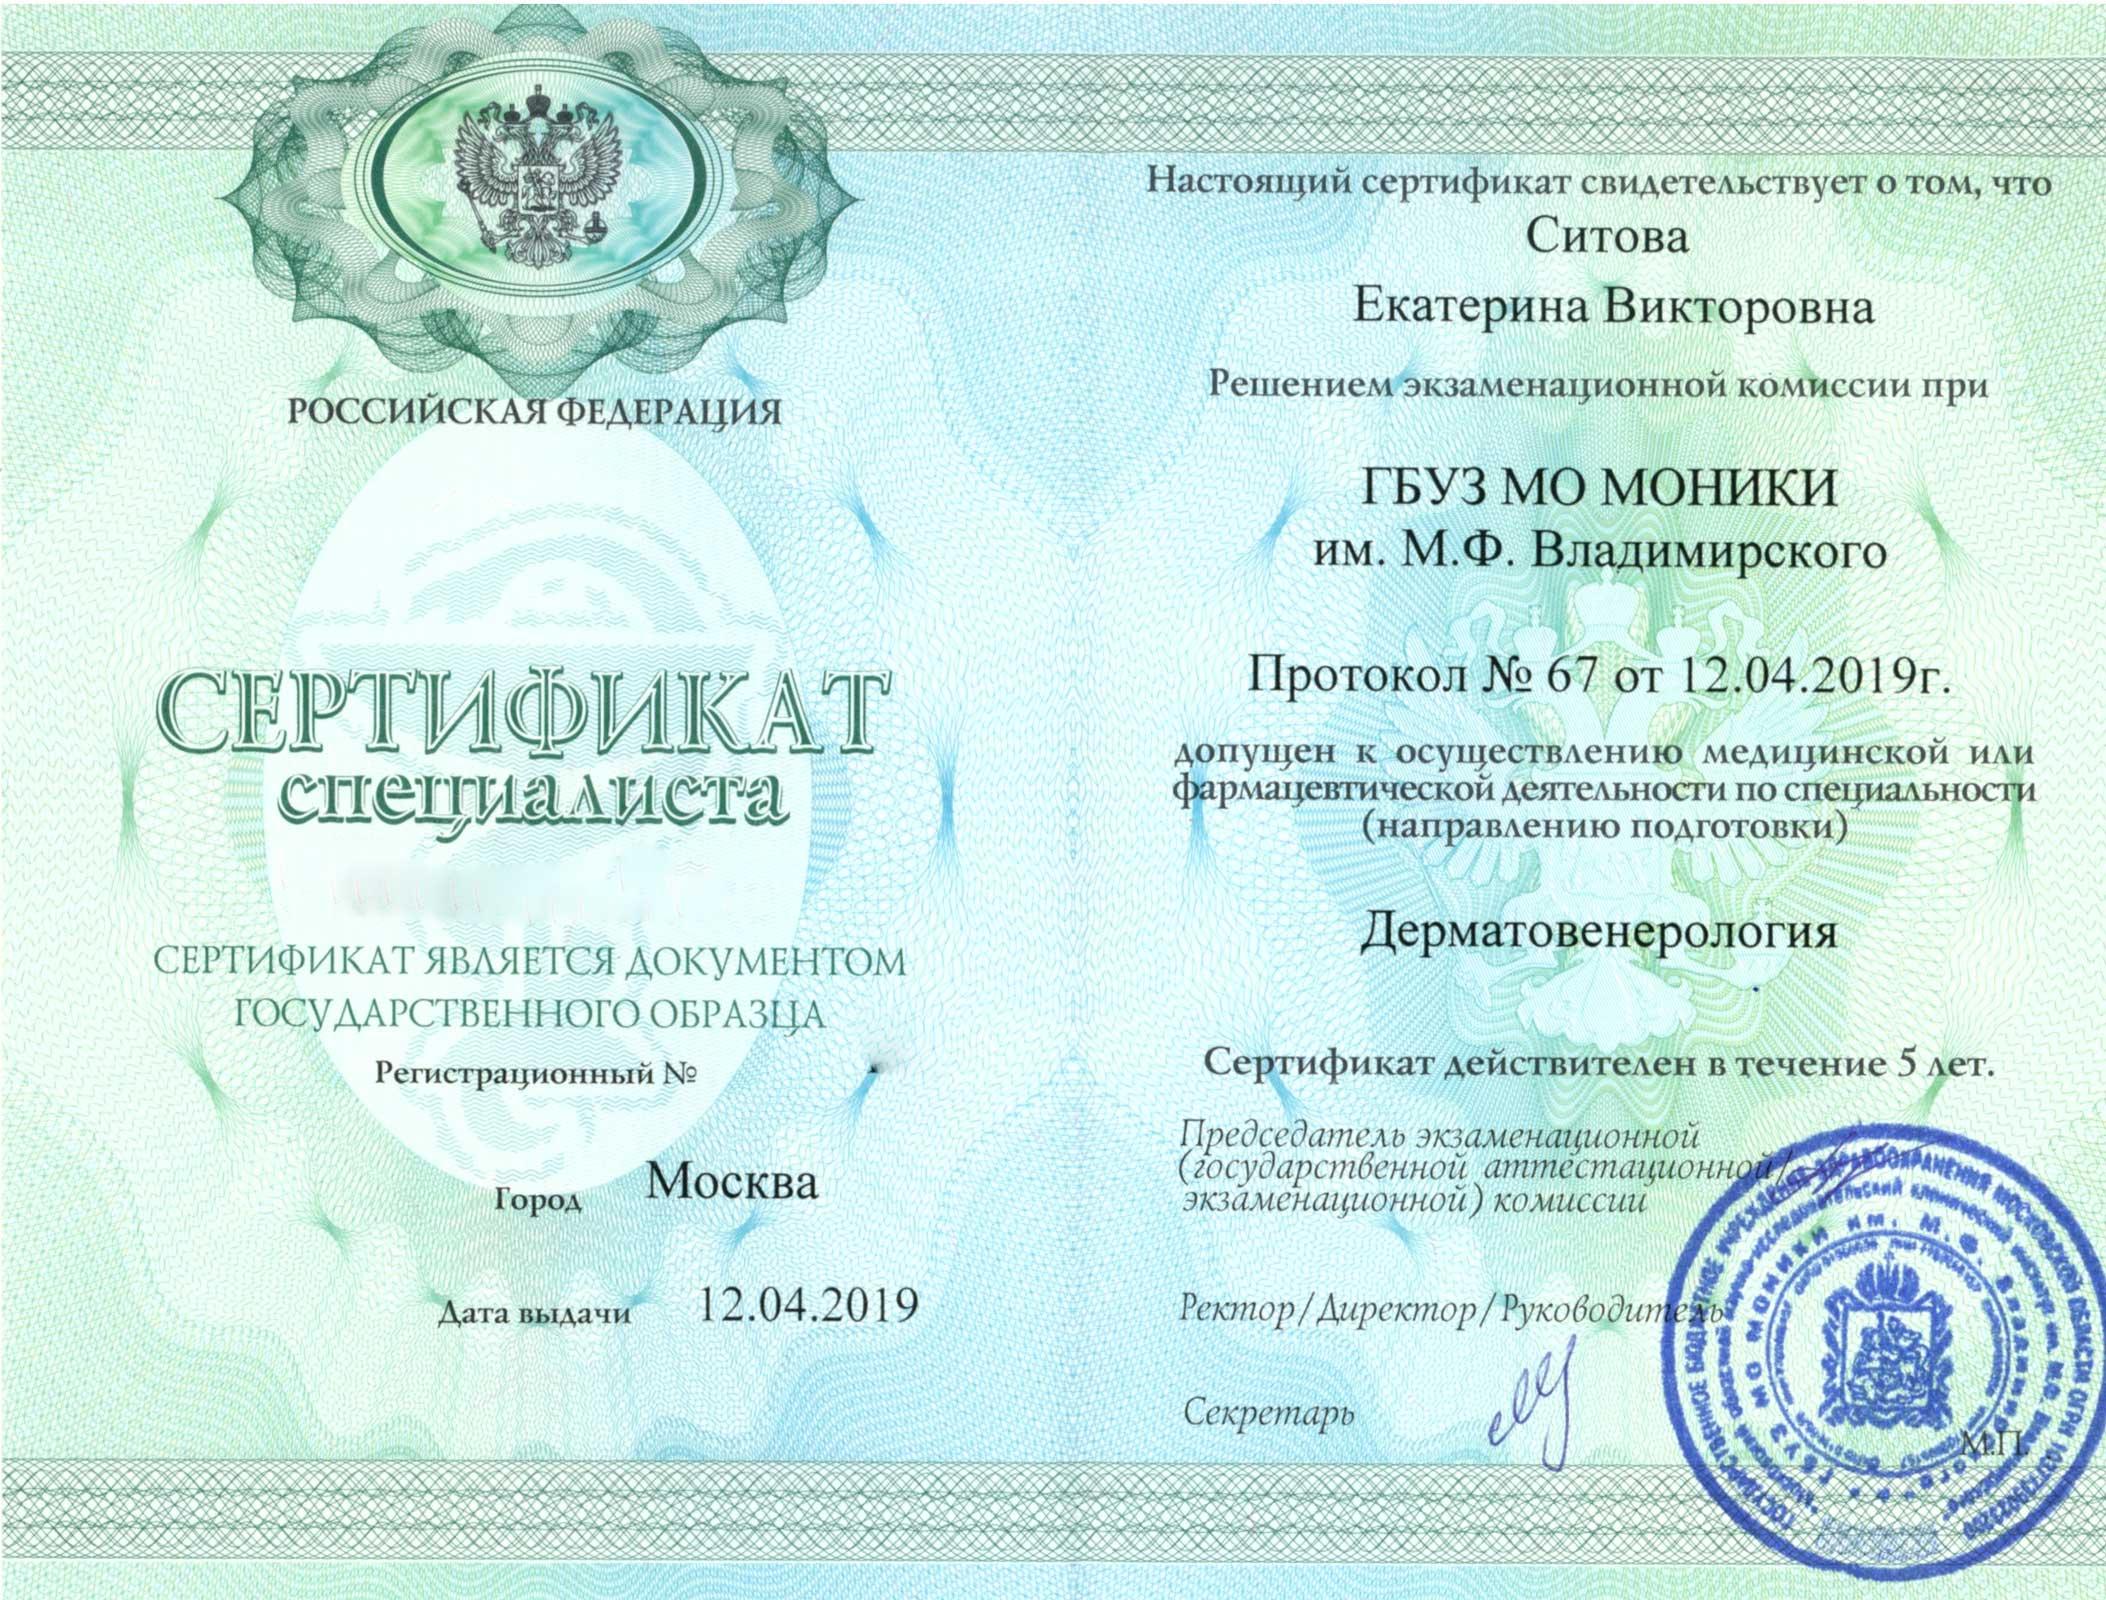 сертификат врача трихолога Ситовое Е.В.